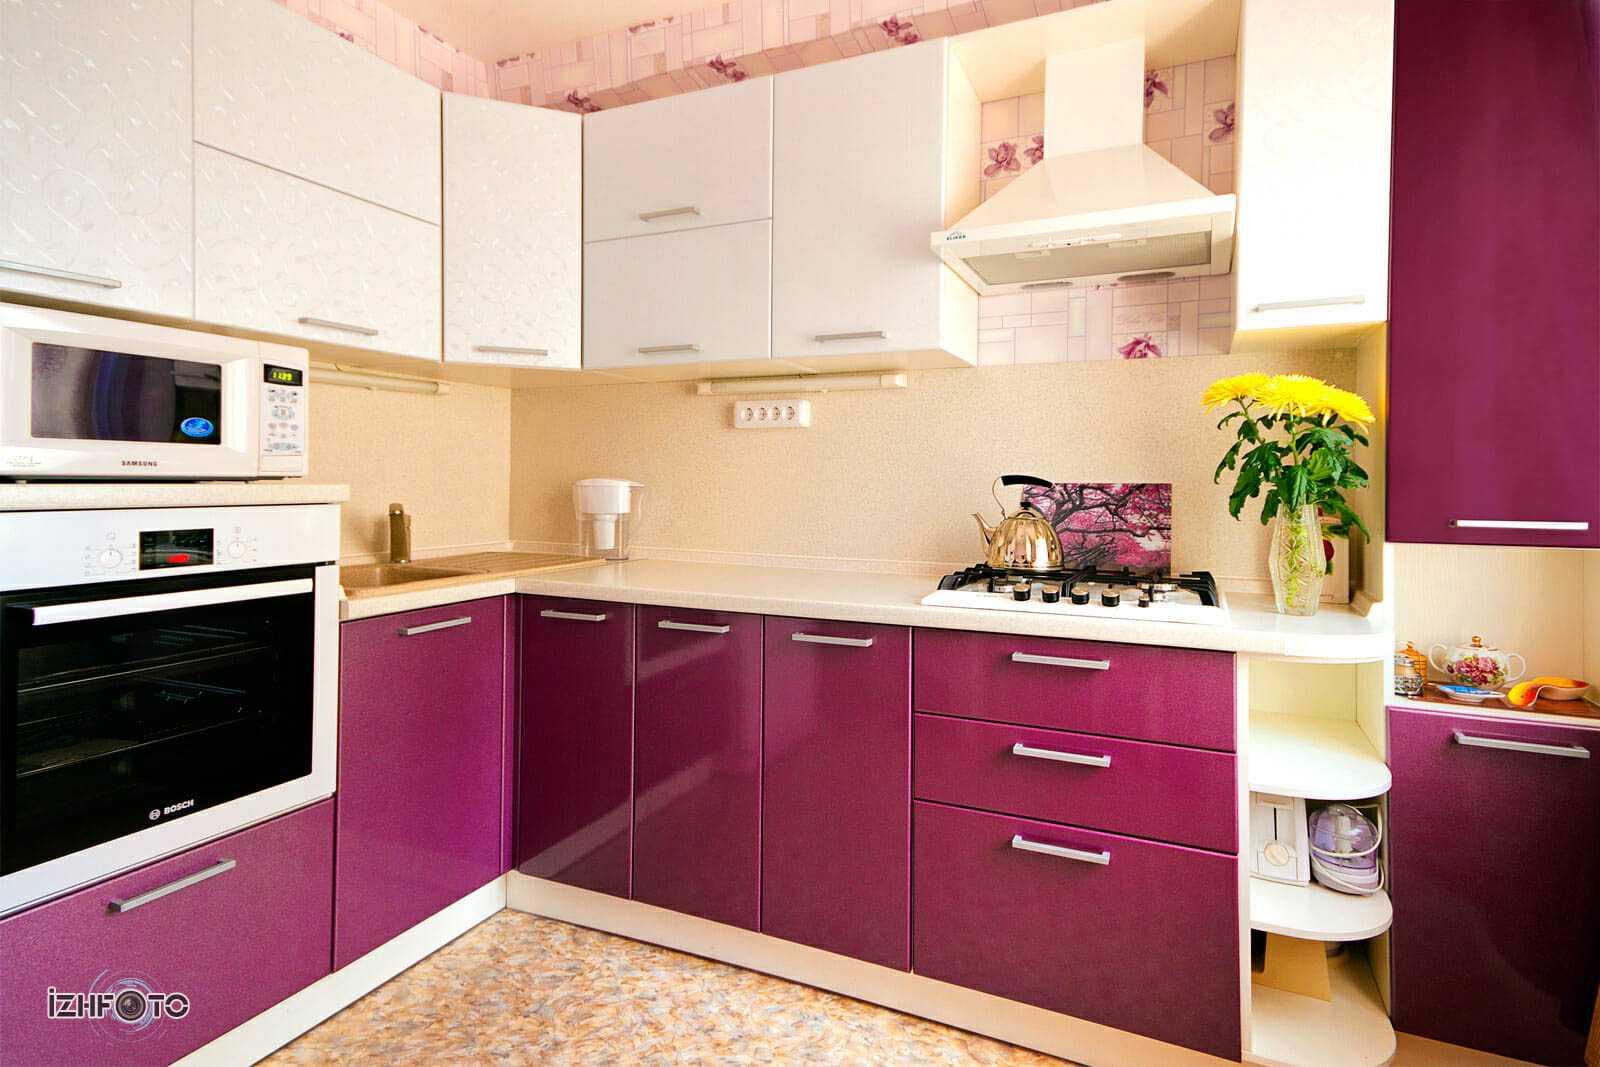 Оформление фиолетовой кухни: богатство палитры для эксклюзивного интерьера